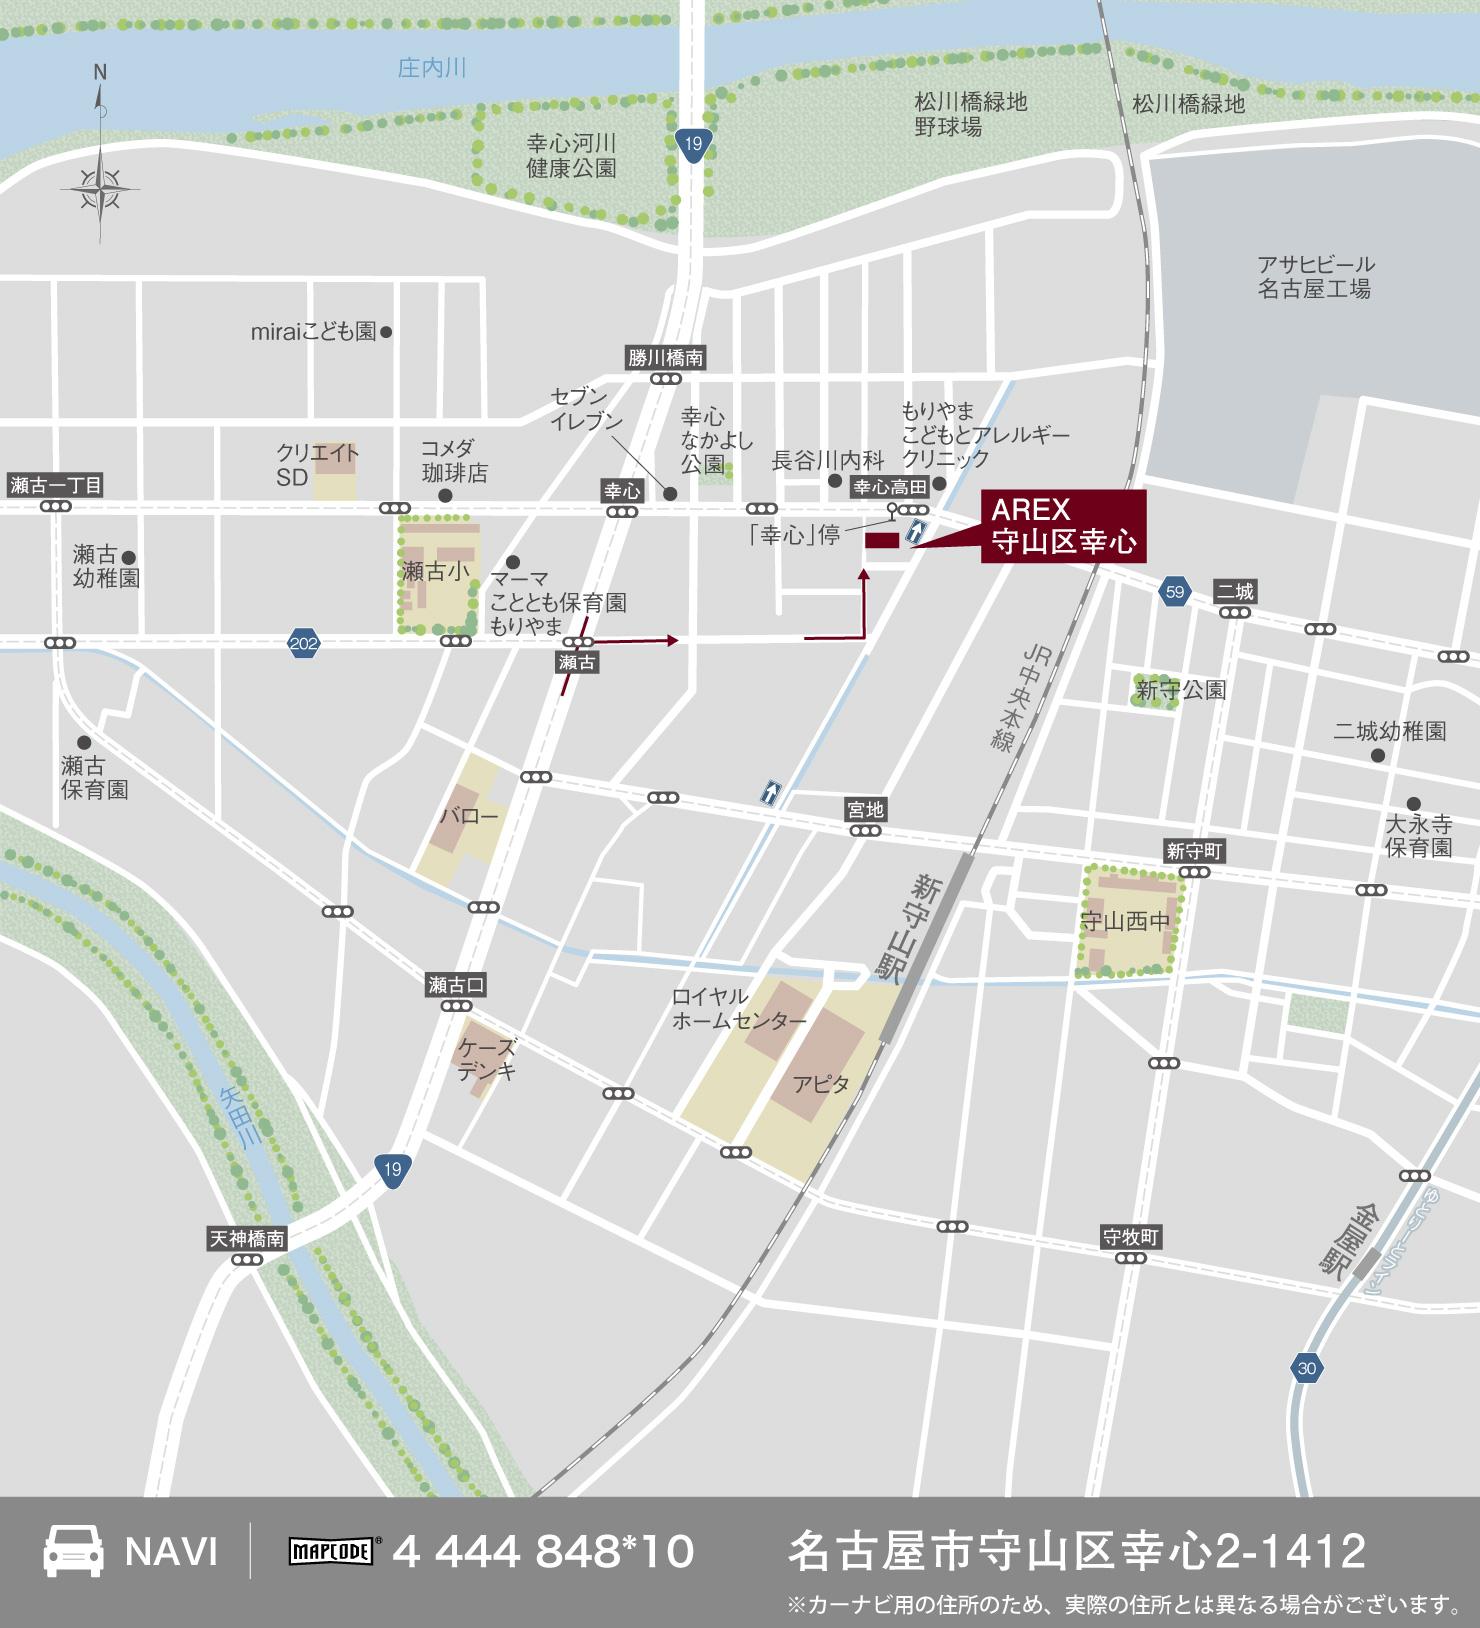 3_地図_守山区幸心